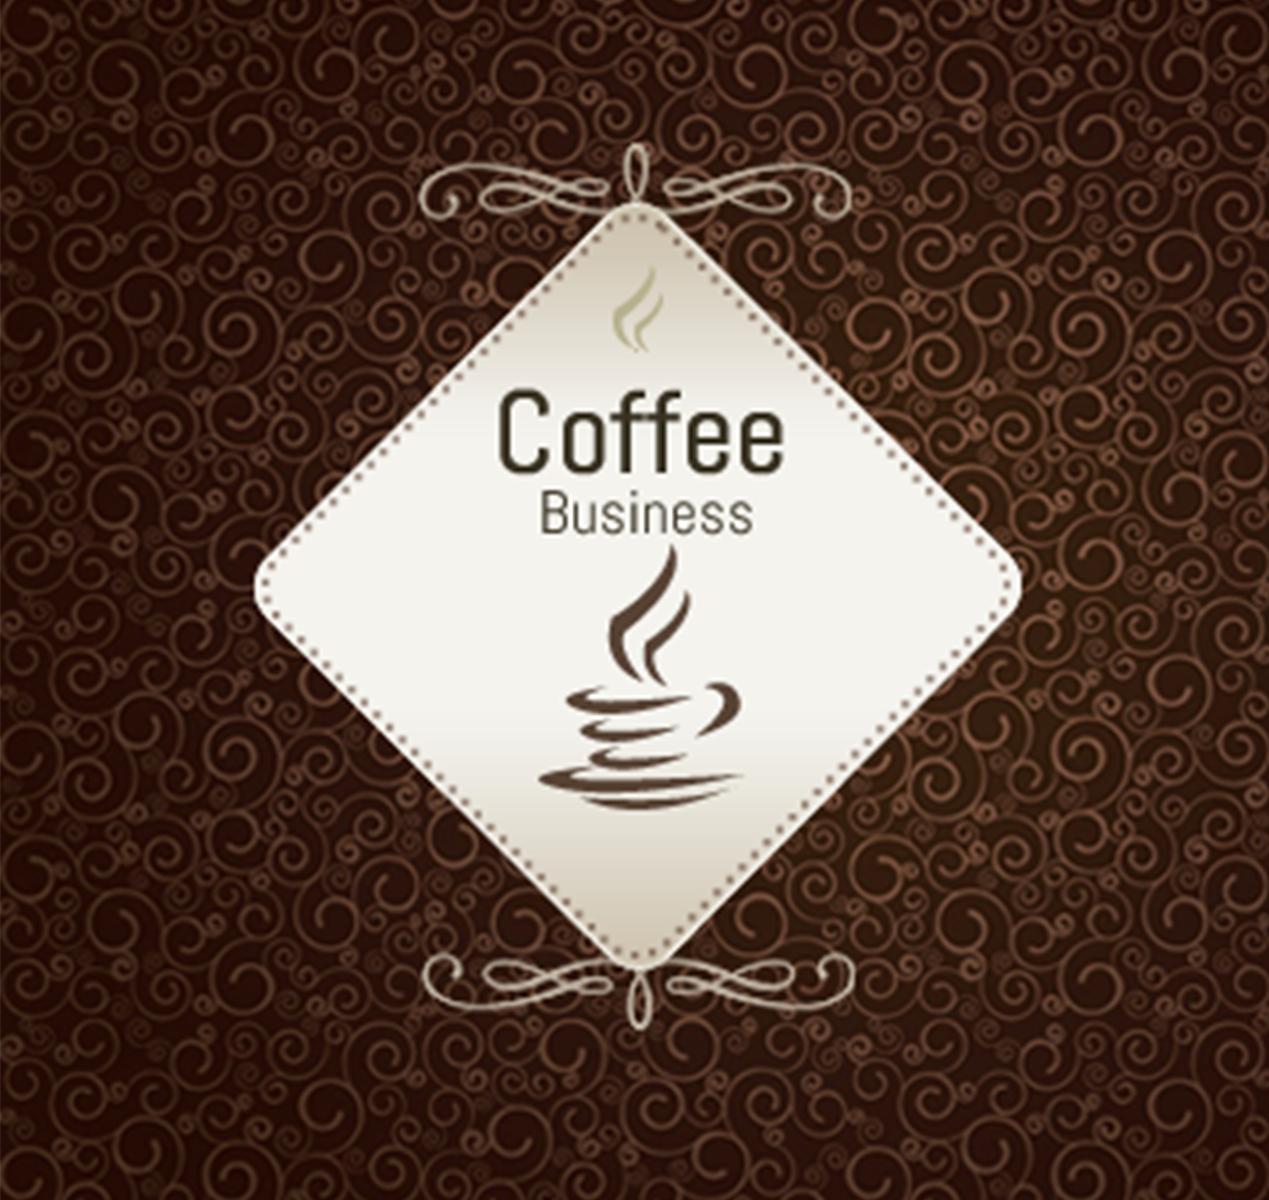 Coffee Business